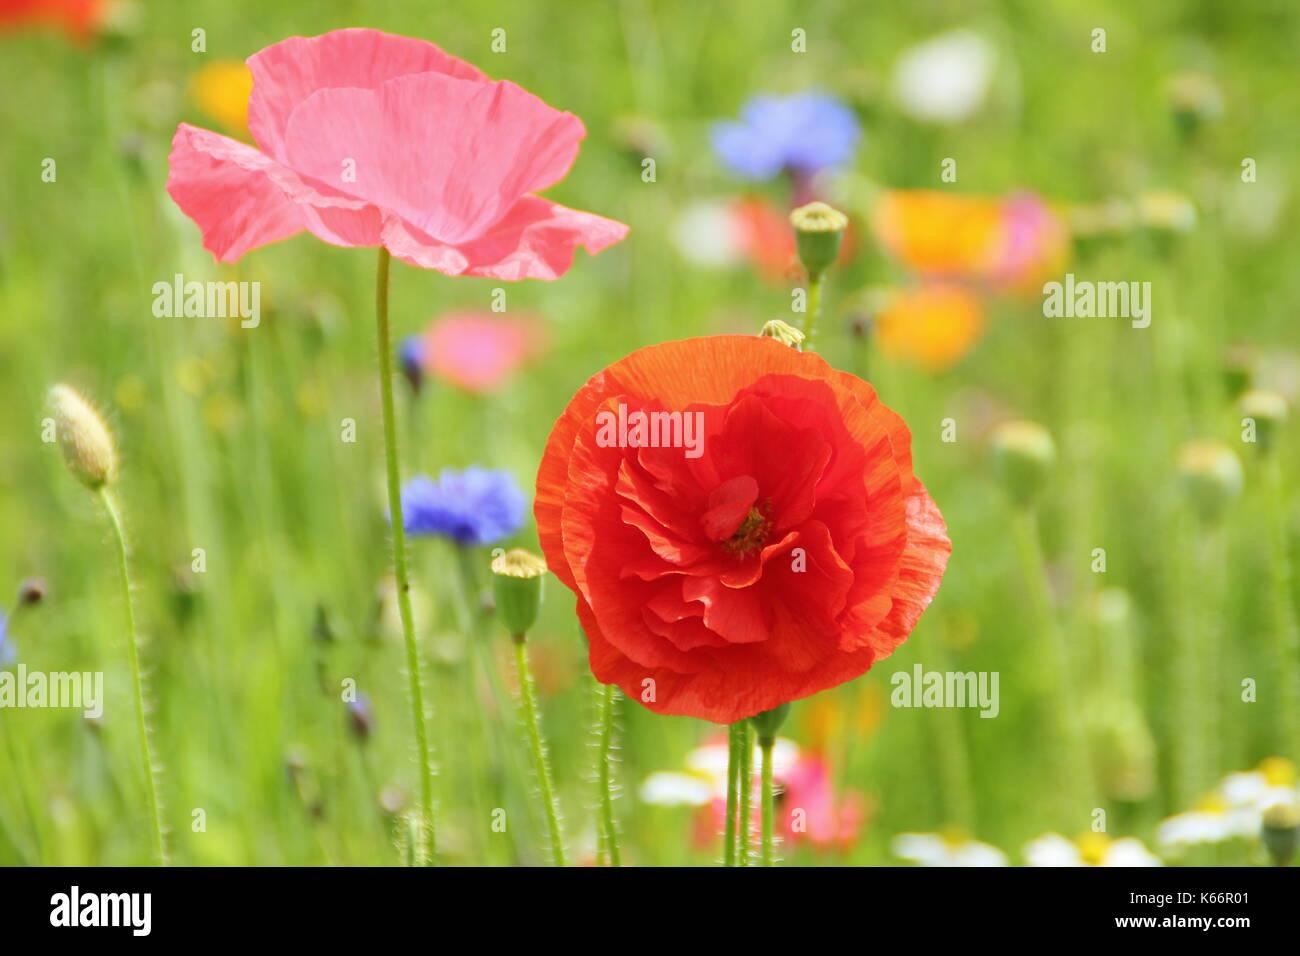 True Shirley amapola (Papaver rhoeas), con pétalos de seda y colores pastel en una pradera wildflower cultivadas a la altura de un Inglés de verano Foto de stock